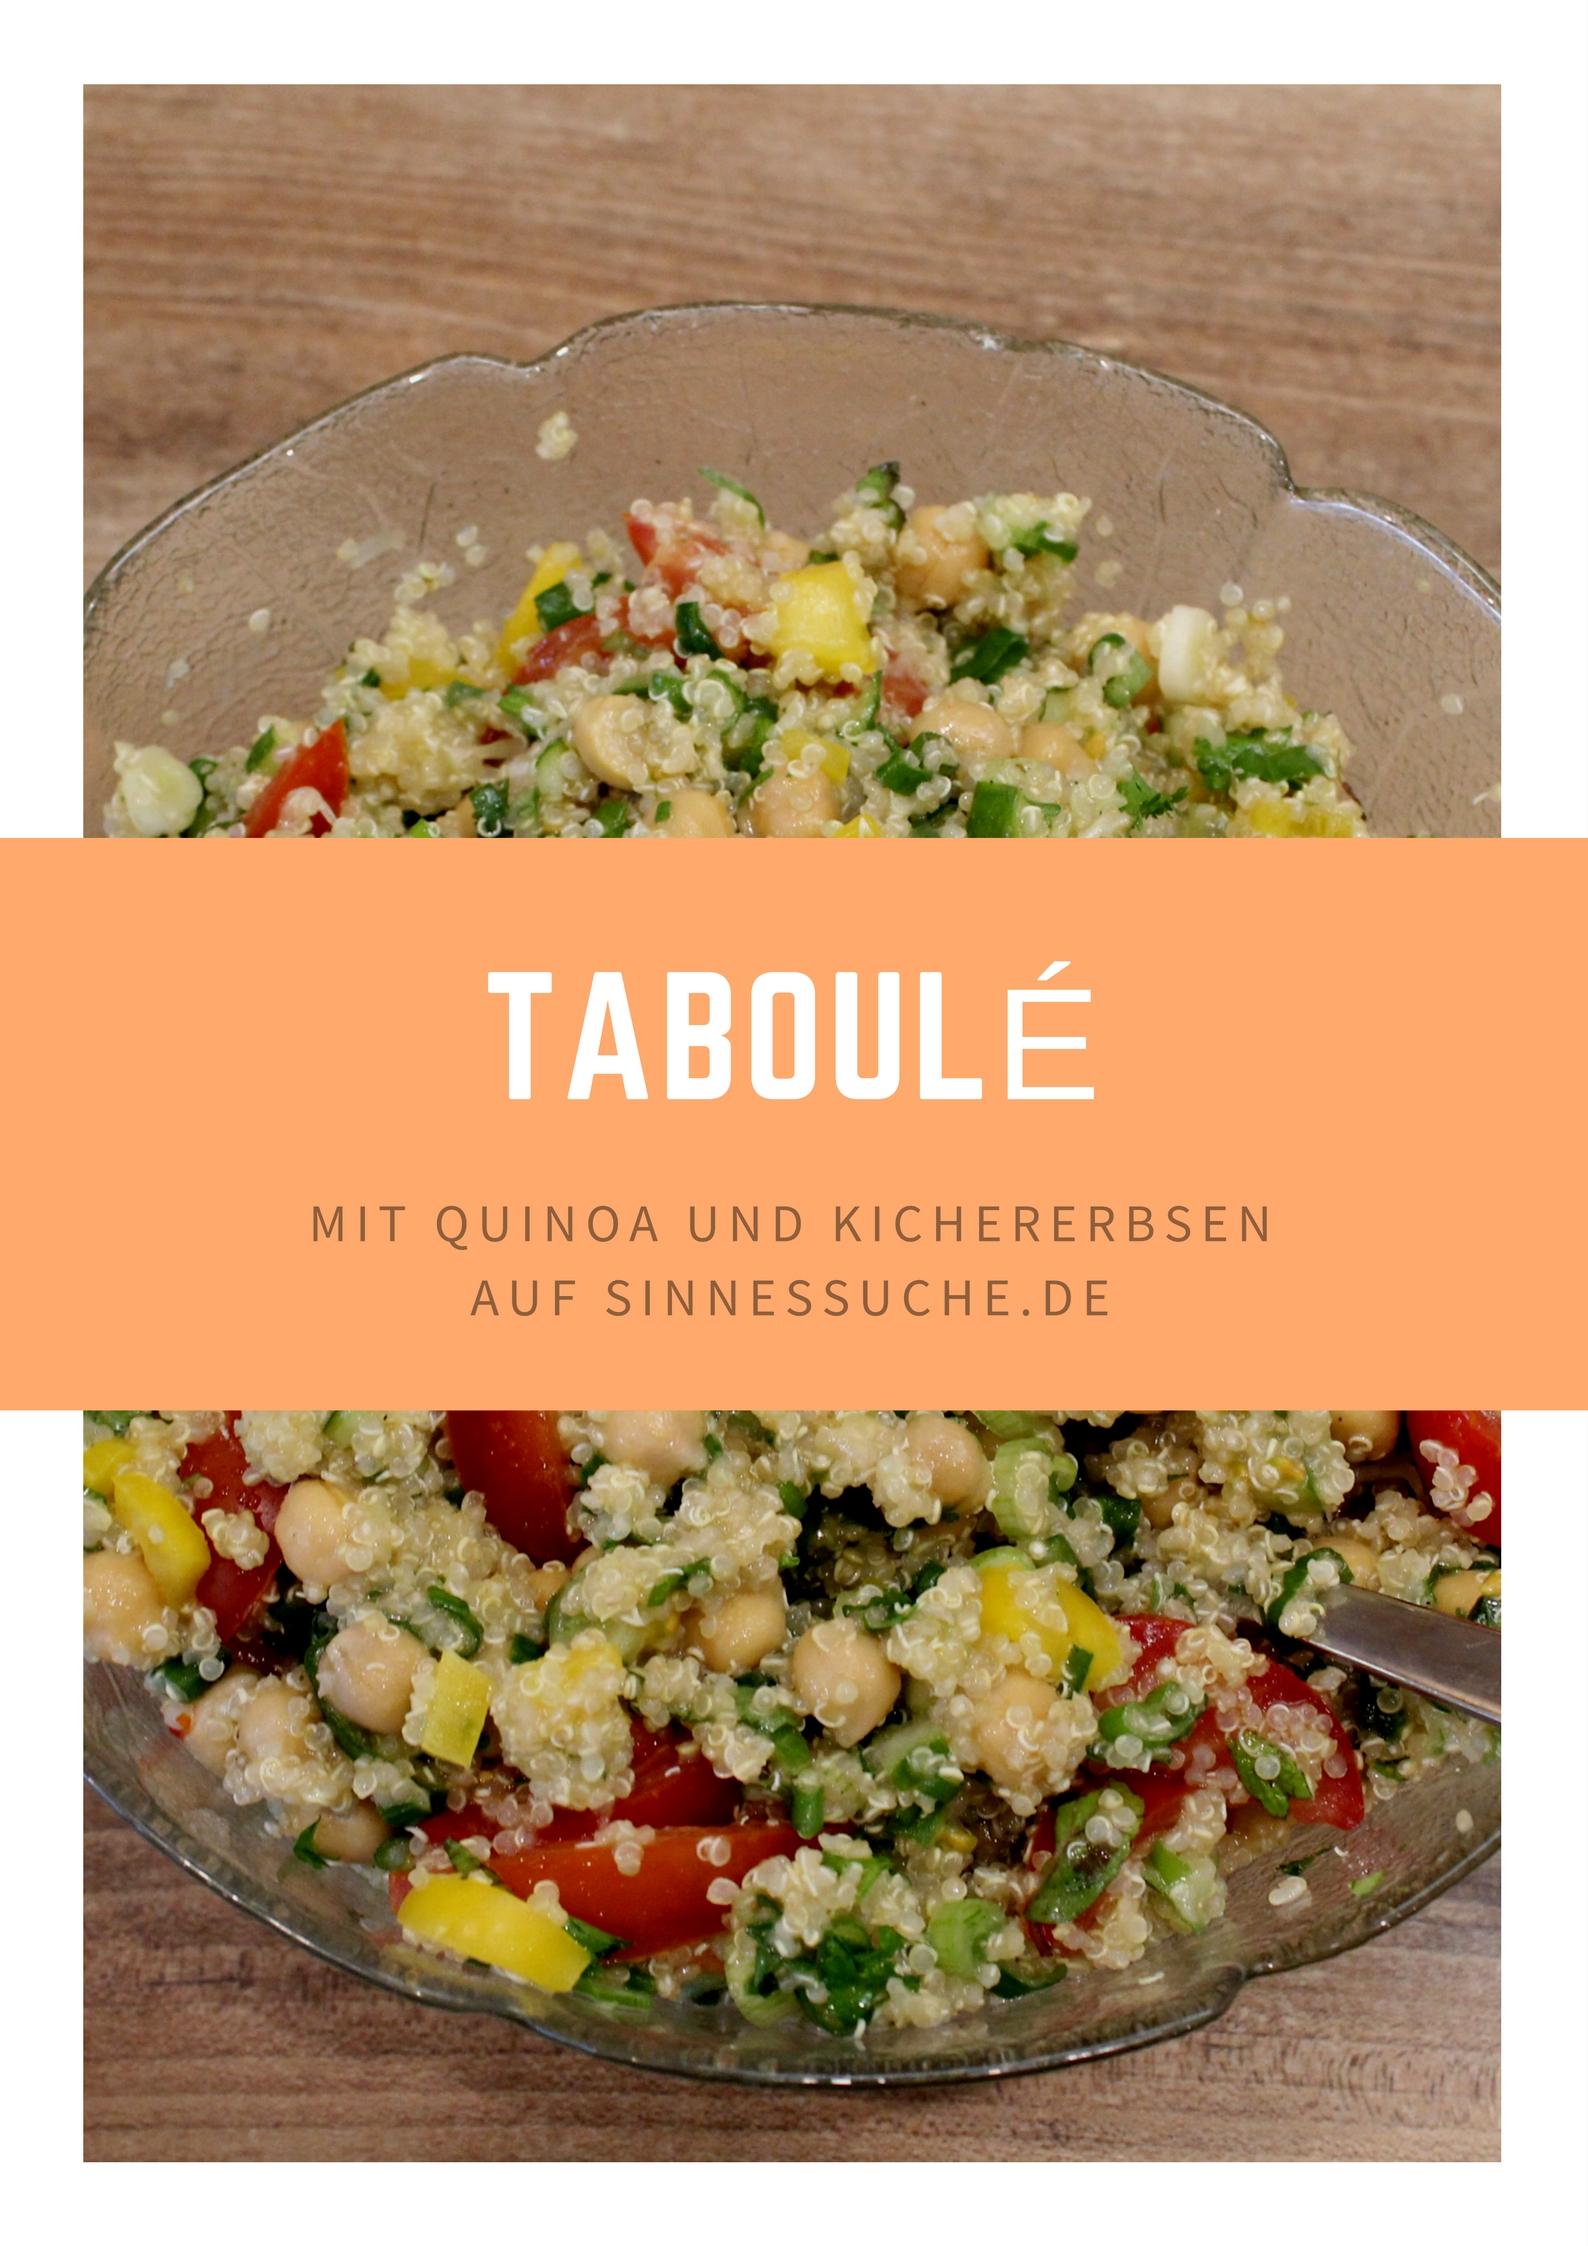 sommerliches Taboulé mit Quinoa und Kichererbsen